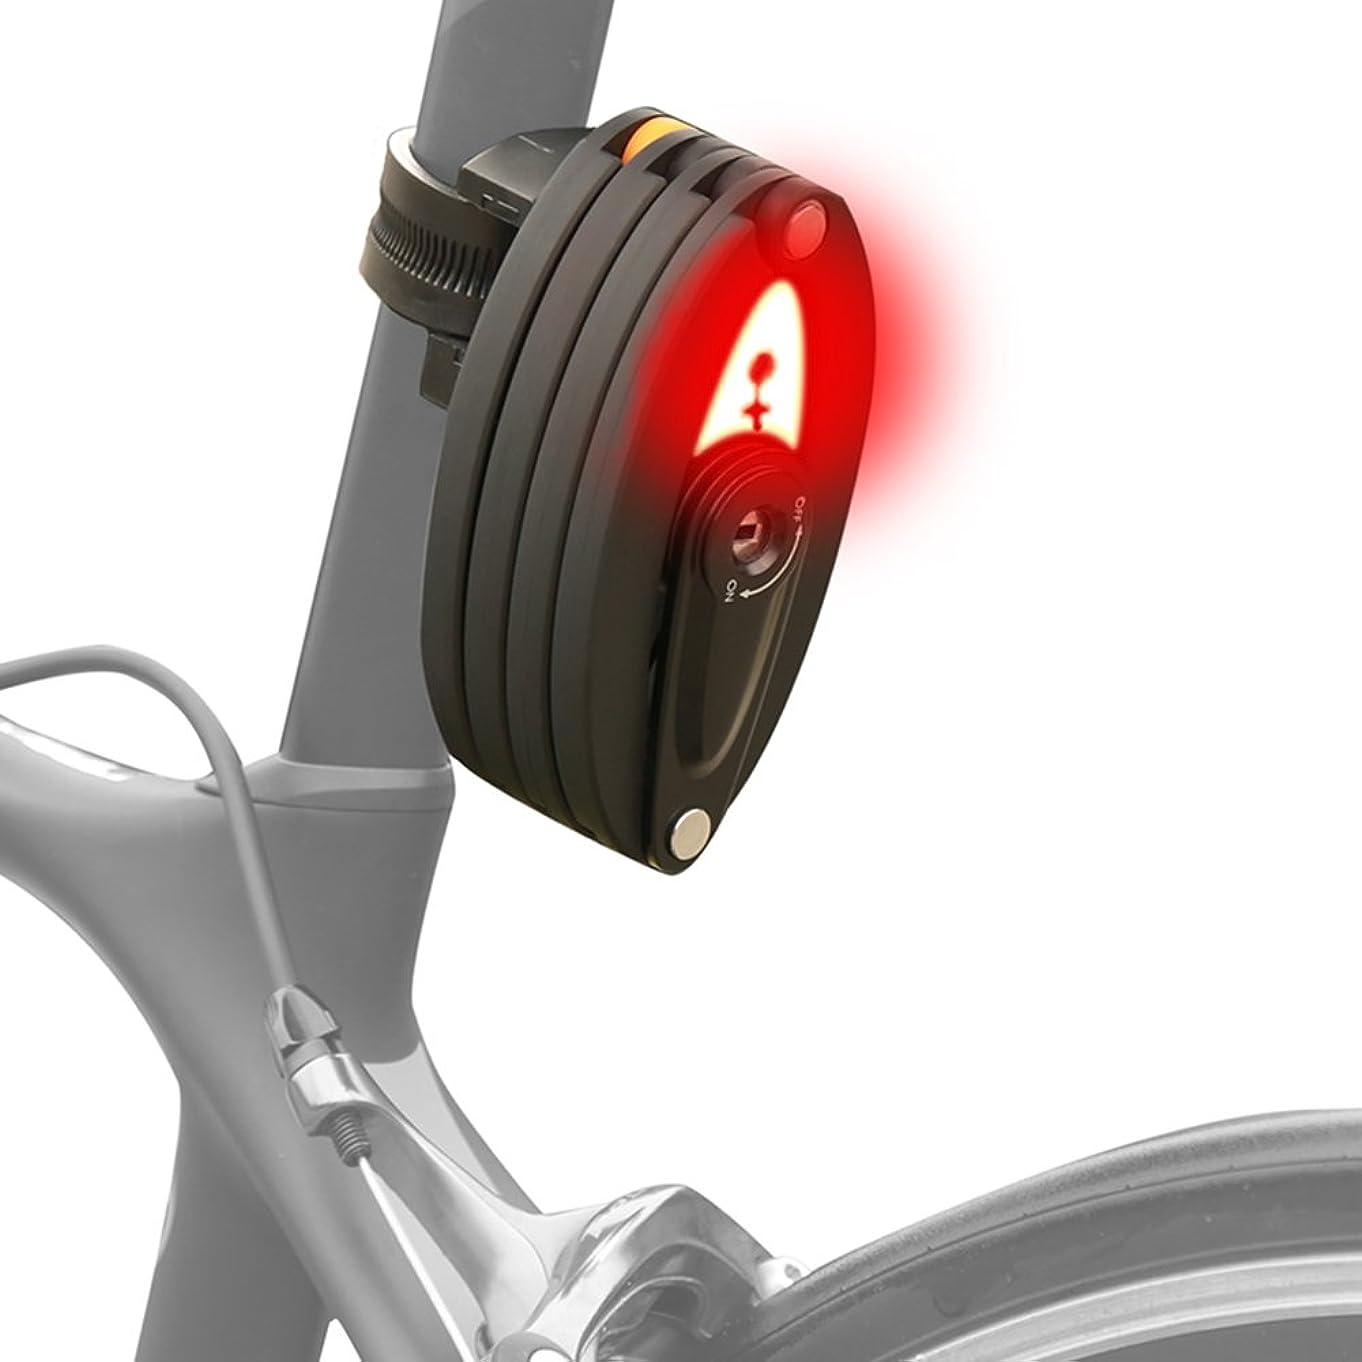 マナー医薬前書きADeroace 自転車ロック 折りたたみ可能 テールライト付き自転車ロック 盗難防止 USB充電 油圧防止ロック 電動 オートバイ マウンテンバイク 折りたたみ サイクルロック 35インチ/90cmまで展開